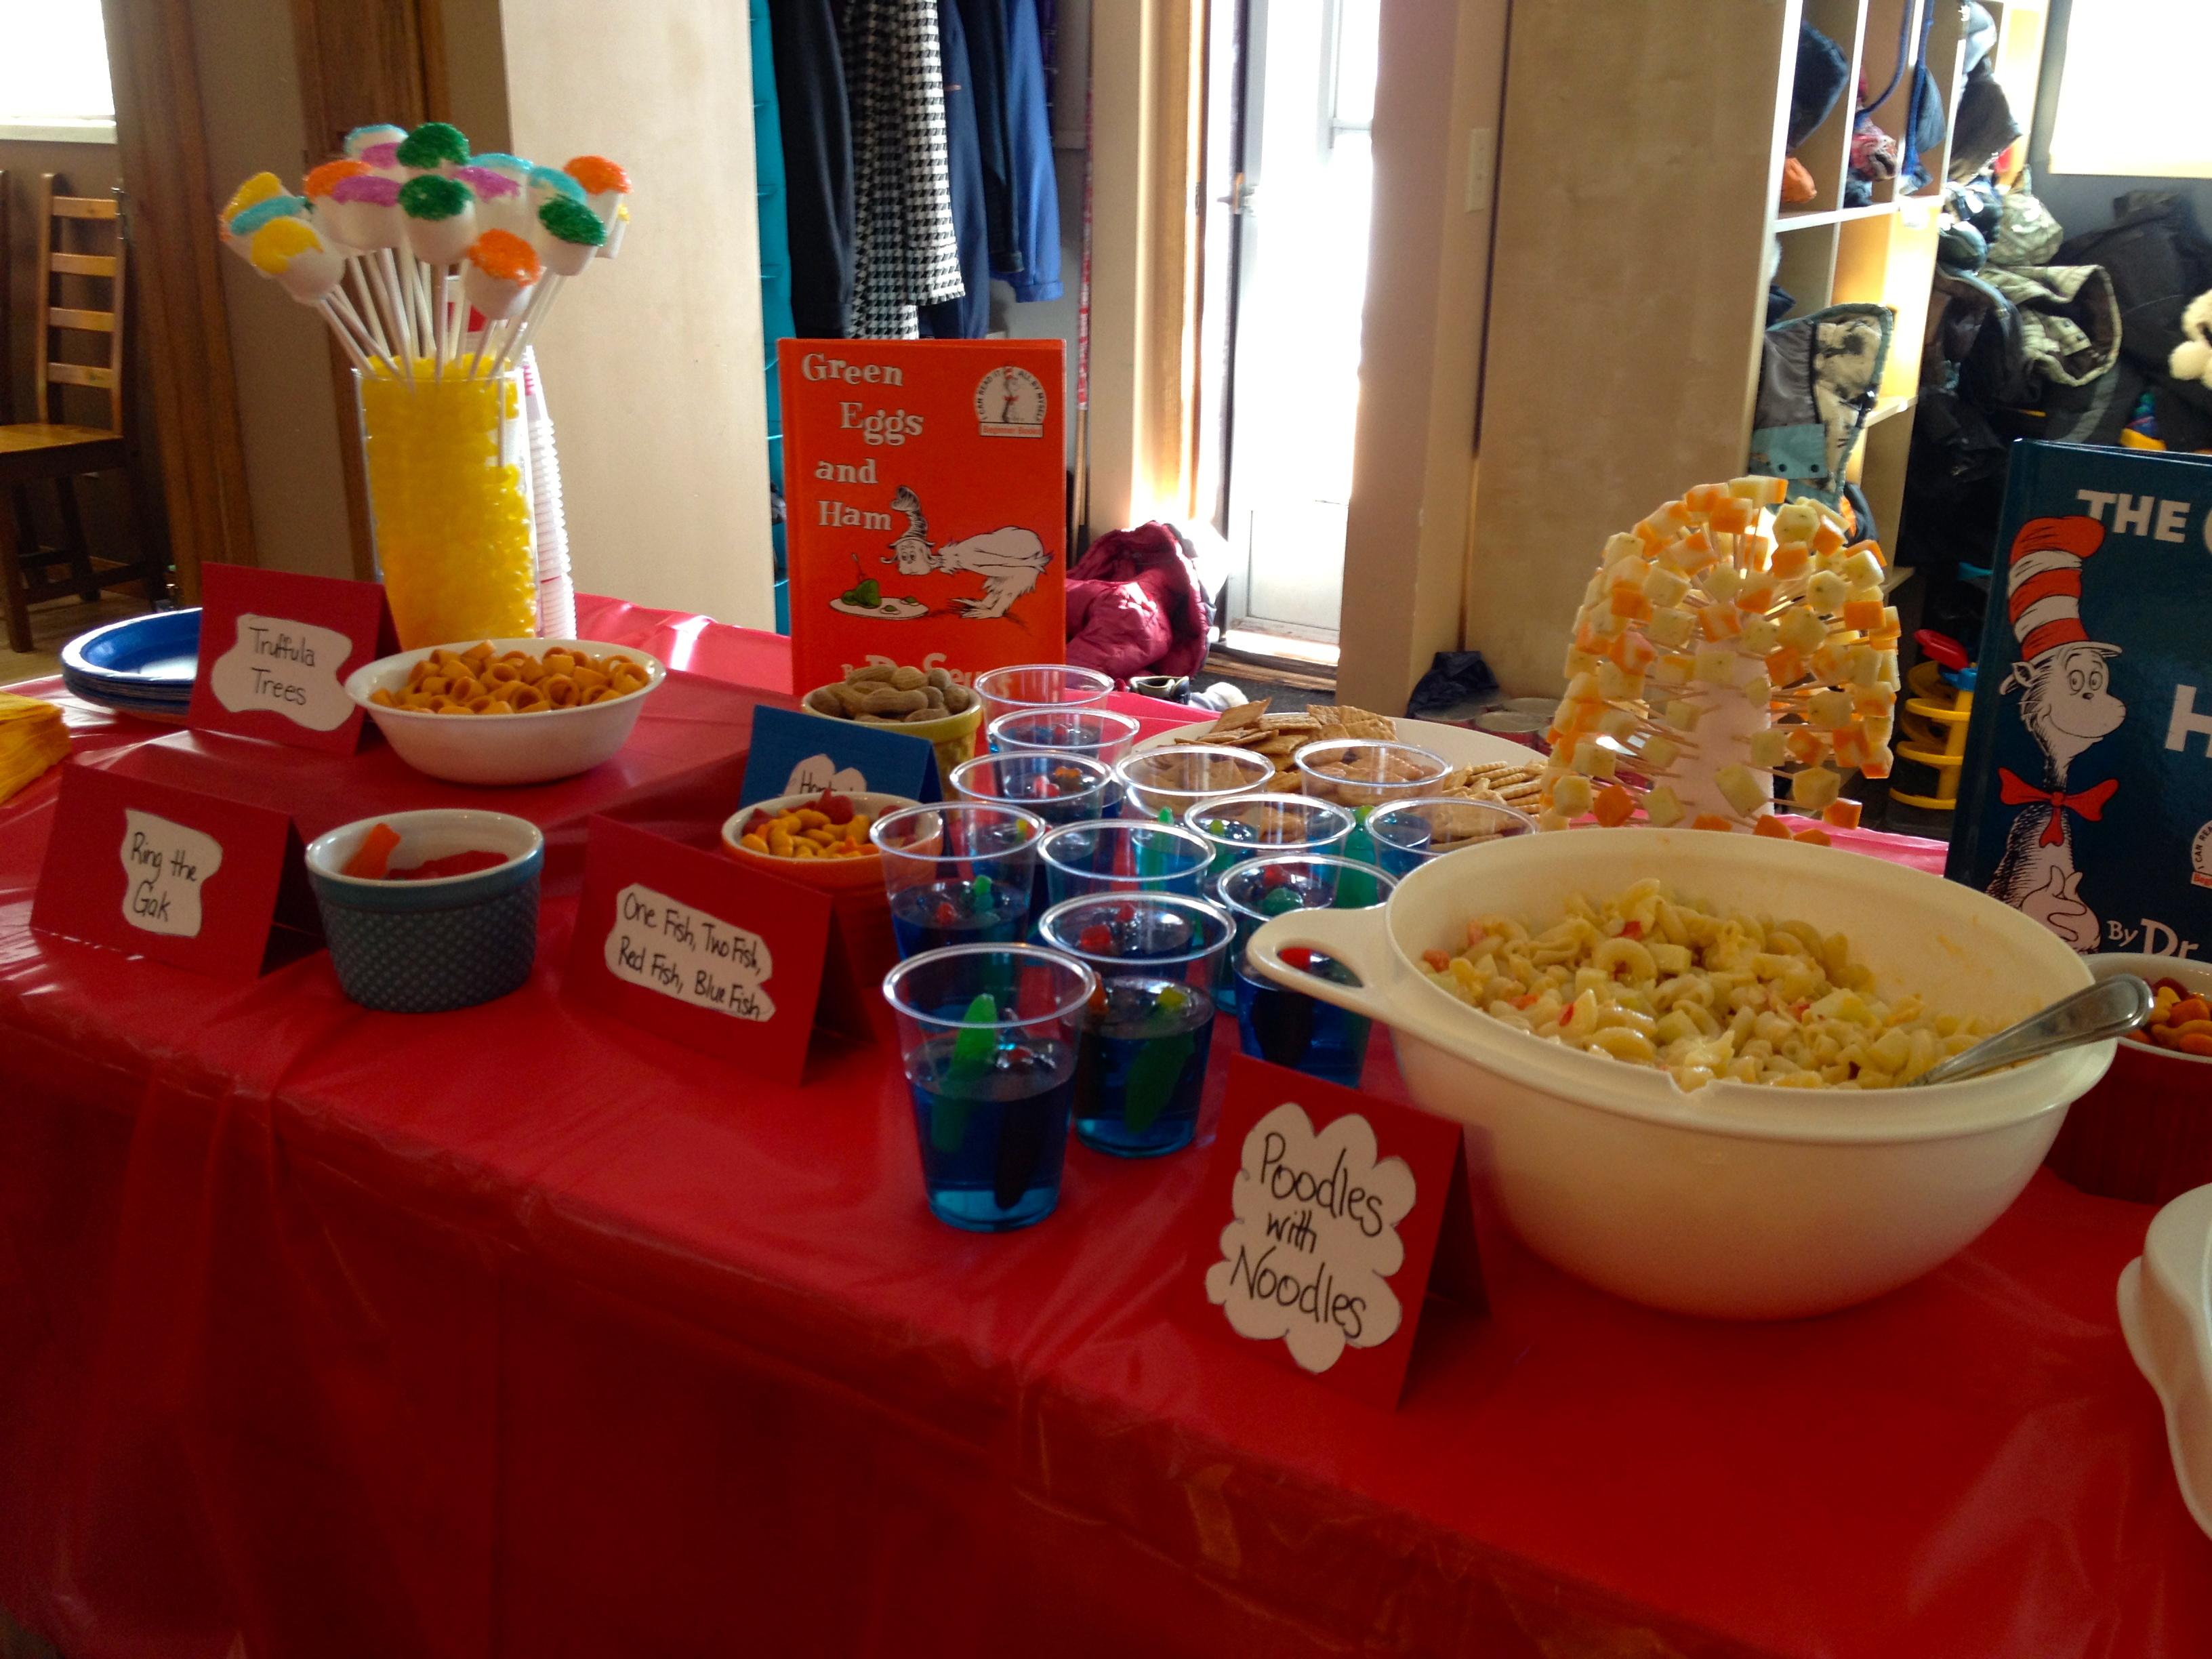 Dr Seuss Party Decorations Dr Seuss Theme Party